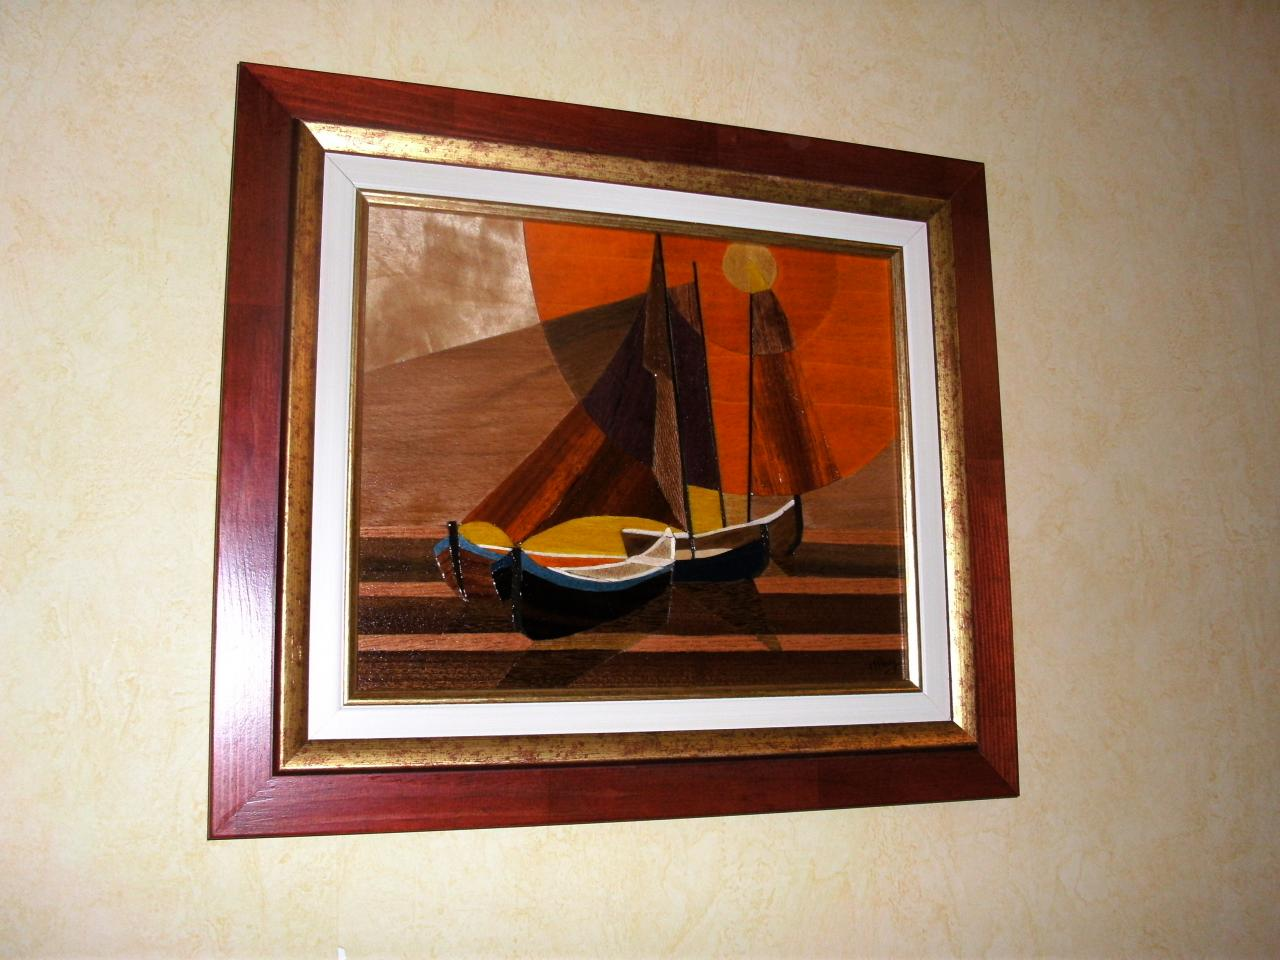 Ships D'après l'oeuvre de Toffoli